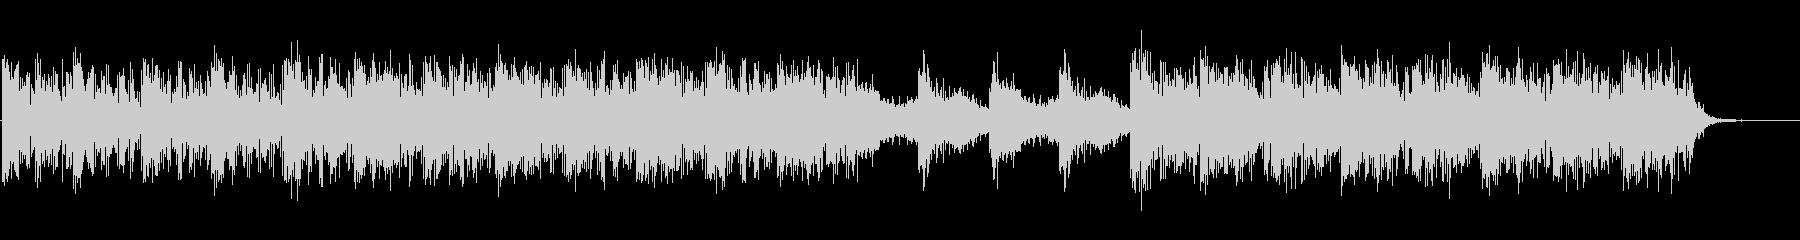 映像向けニューエイジ系のBGMの未再生の波形